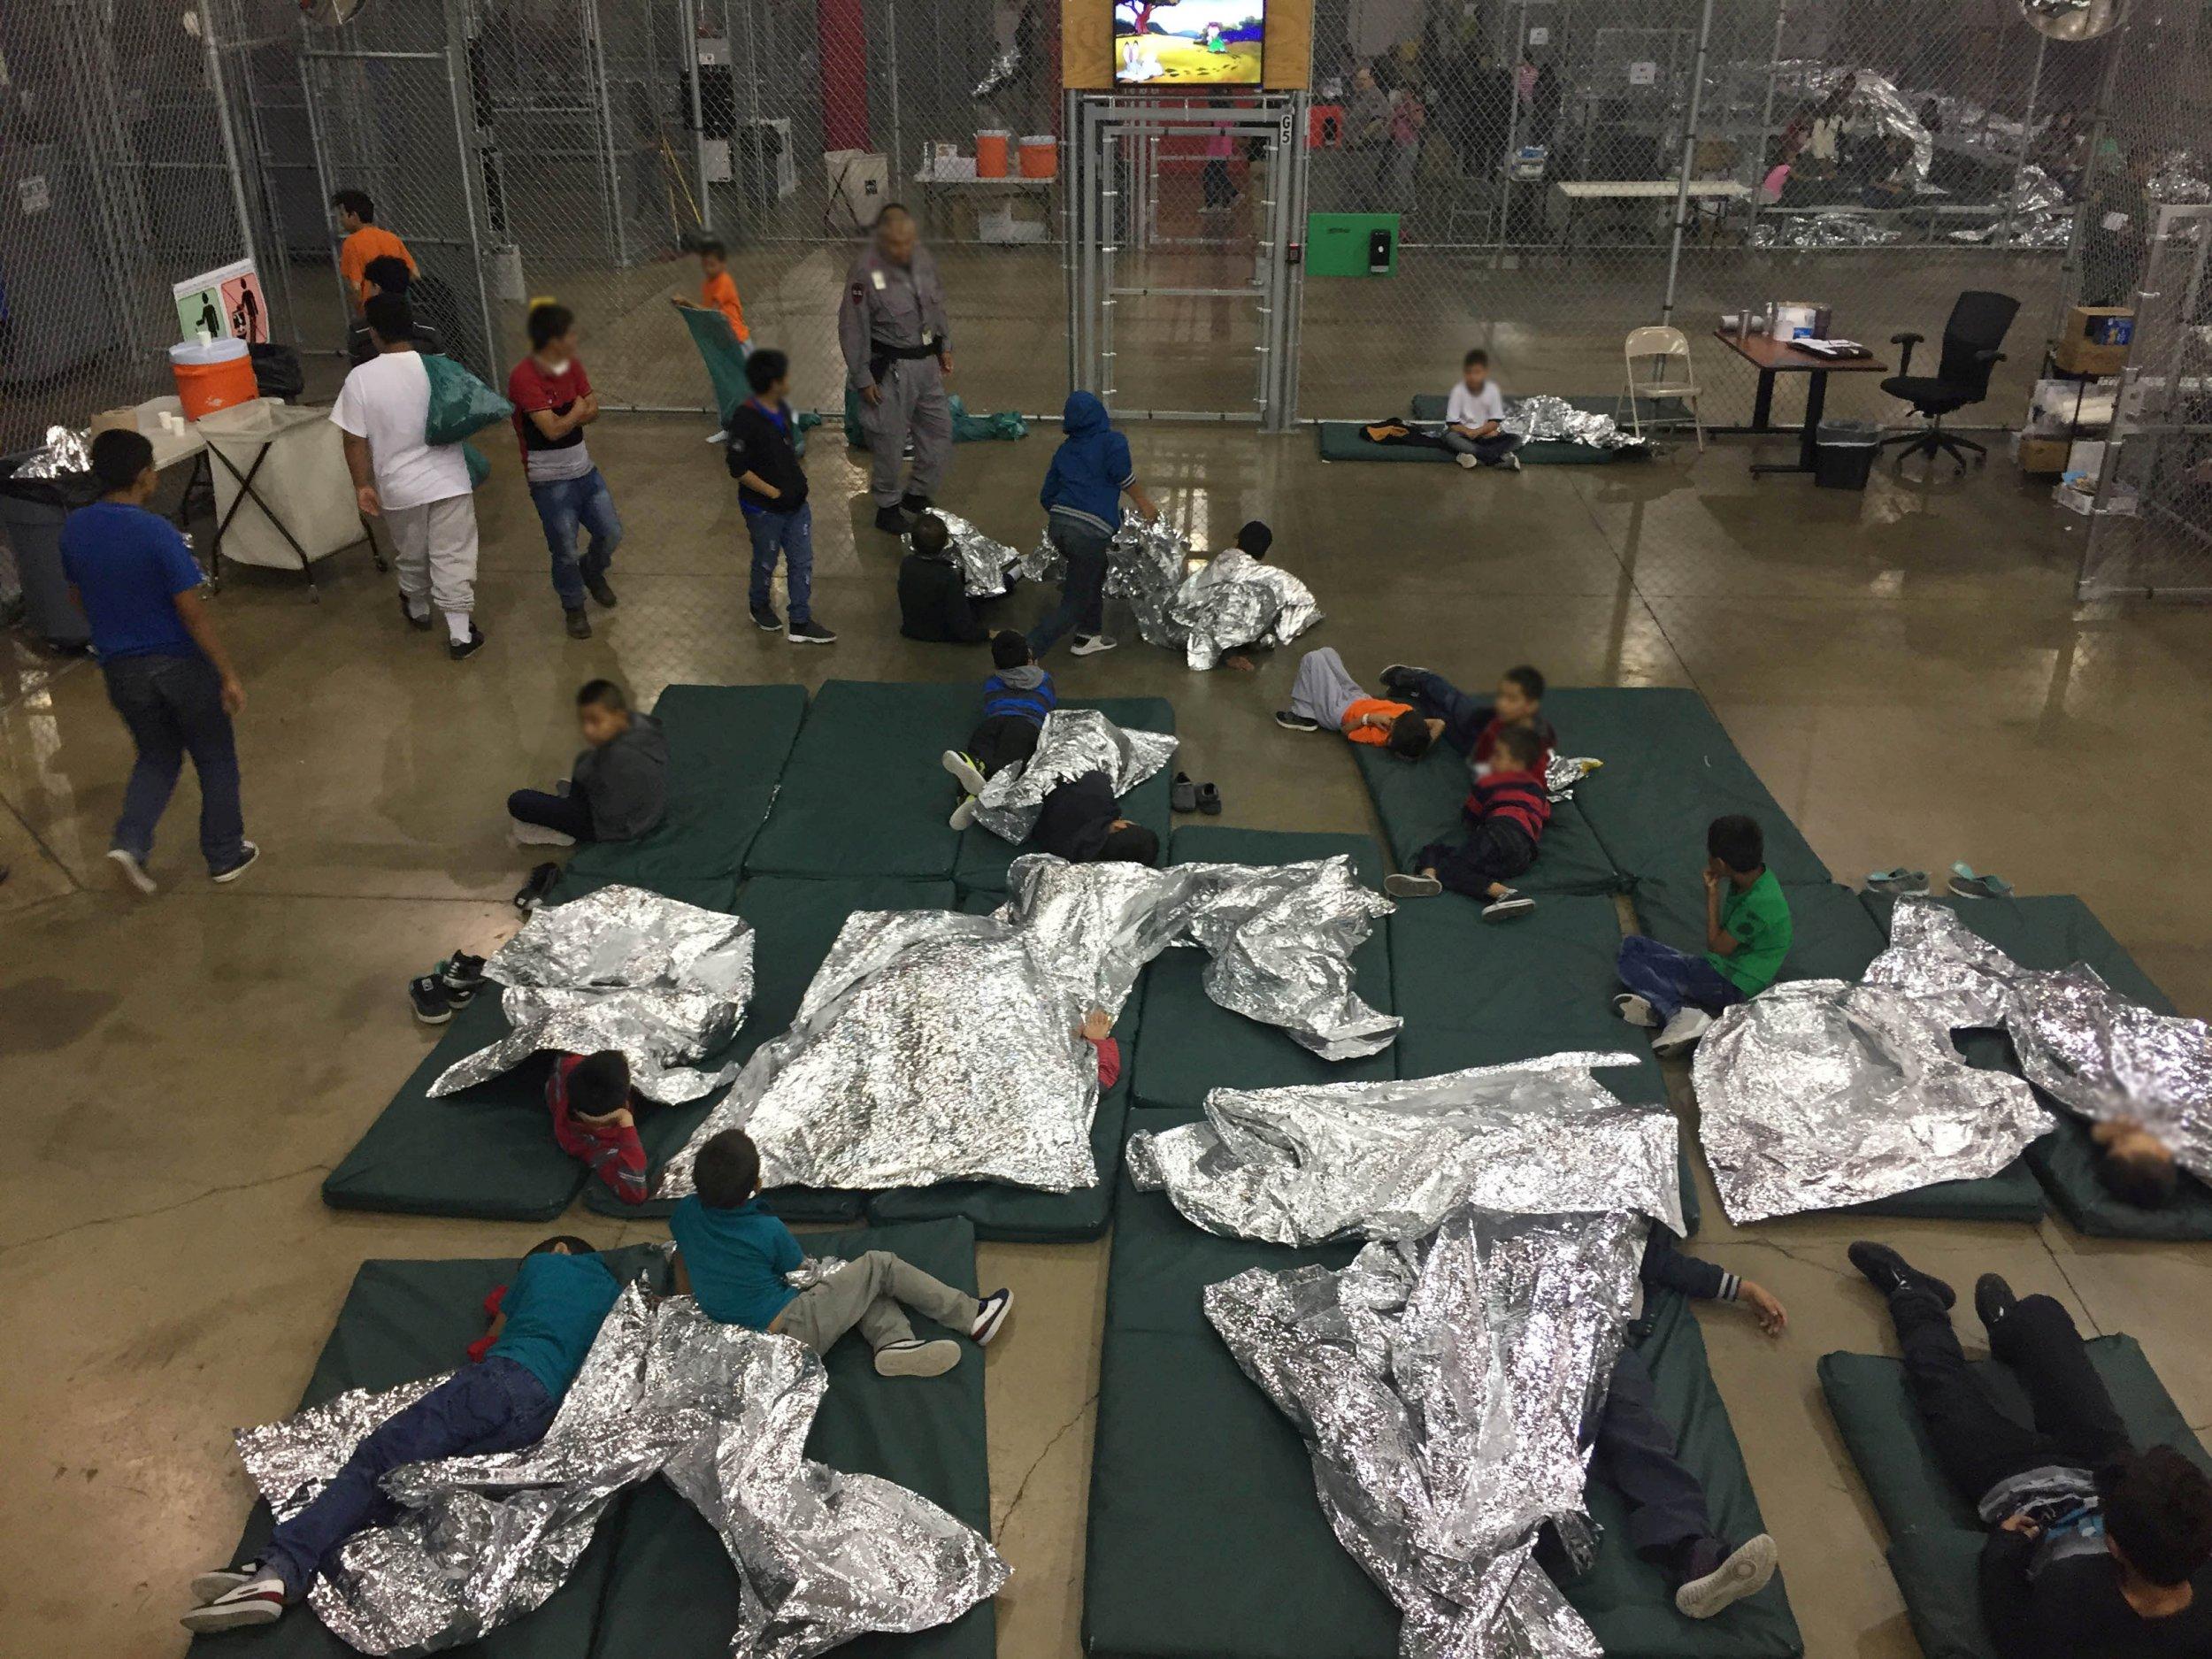 Child Detention Center